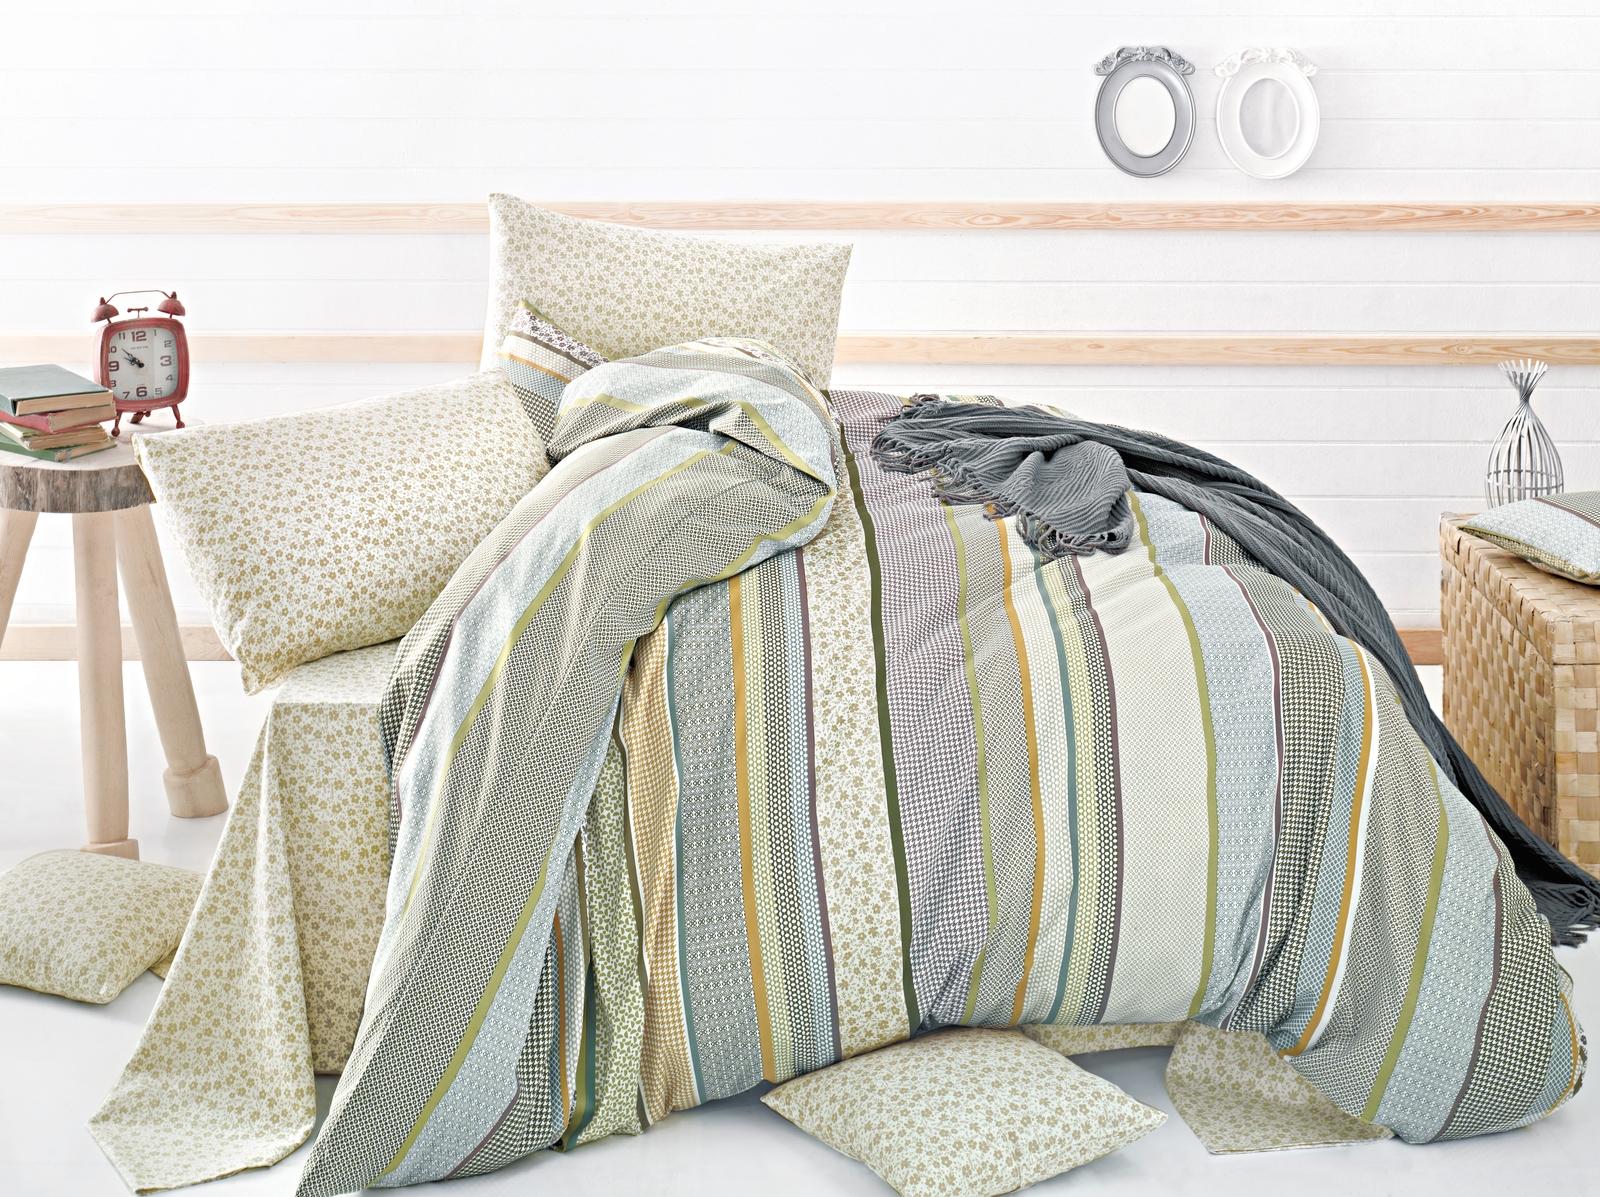 Комплект белья Issimo Home Palmers, 1,5-спальный, наволочки 50x70, цвет: бежевый